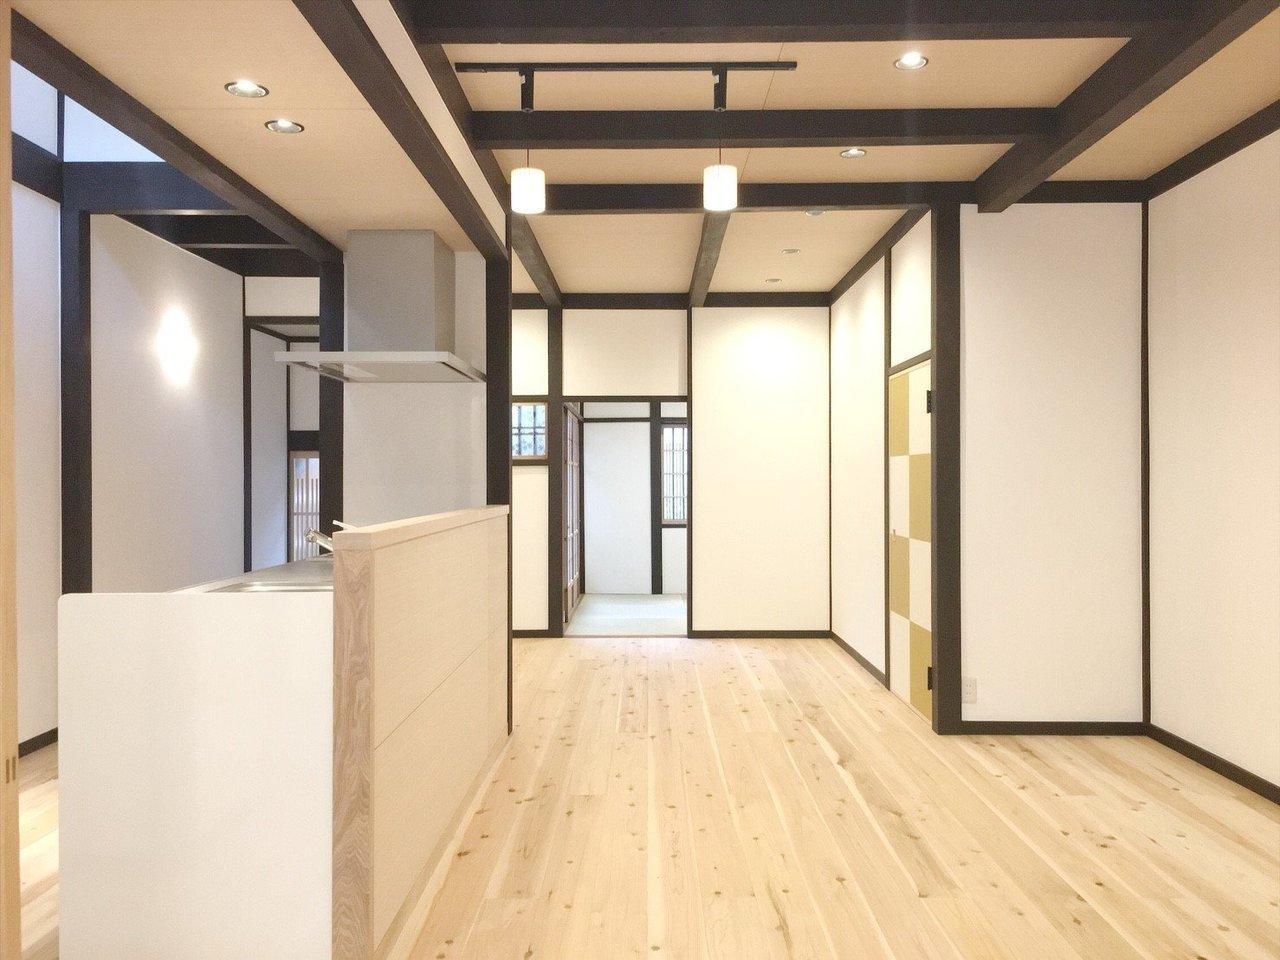 モダンな和風のお部屋に生まれ変わった、3LDKのお部屋。雰囲気の残る古民家をリノベーションして造られました。